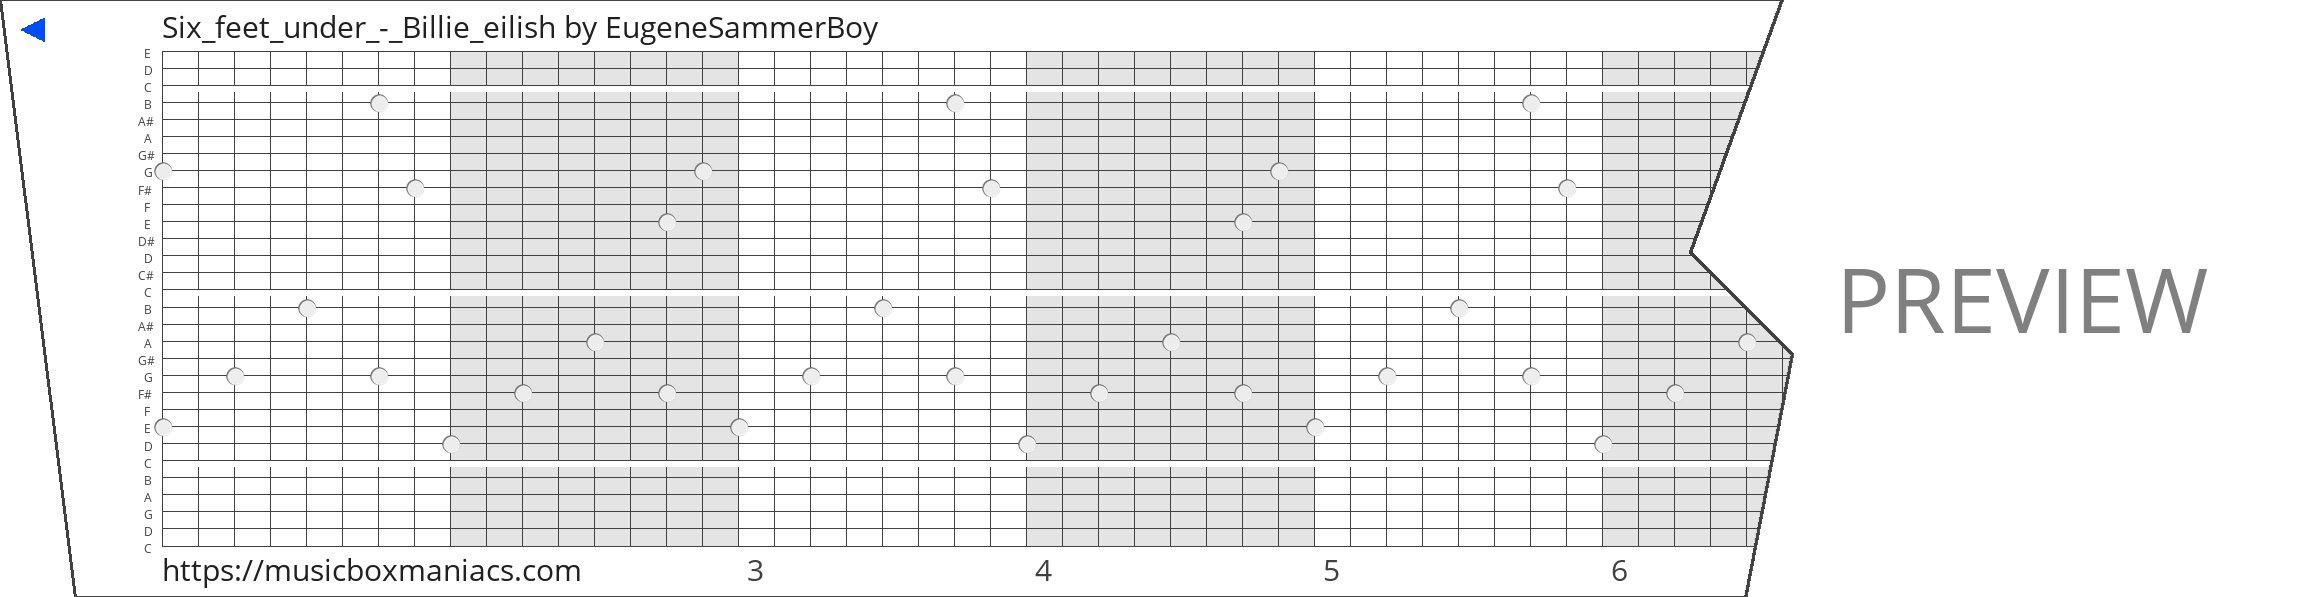 Six_feet_under_-_Billie_eilish 30 note music box paper strip